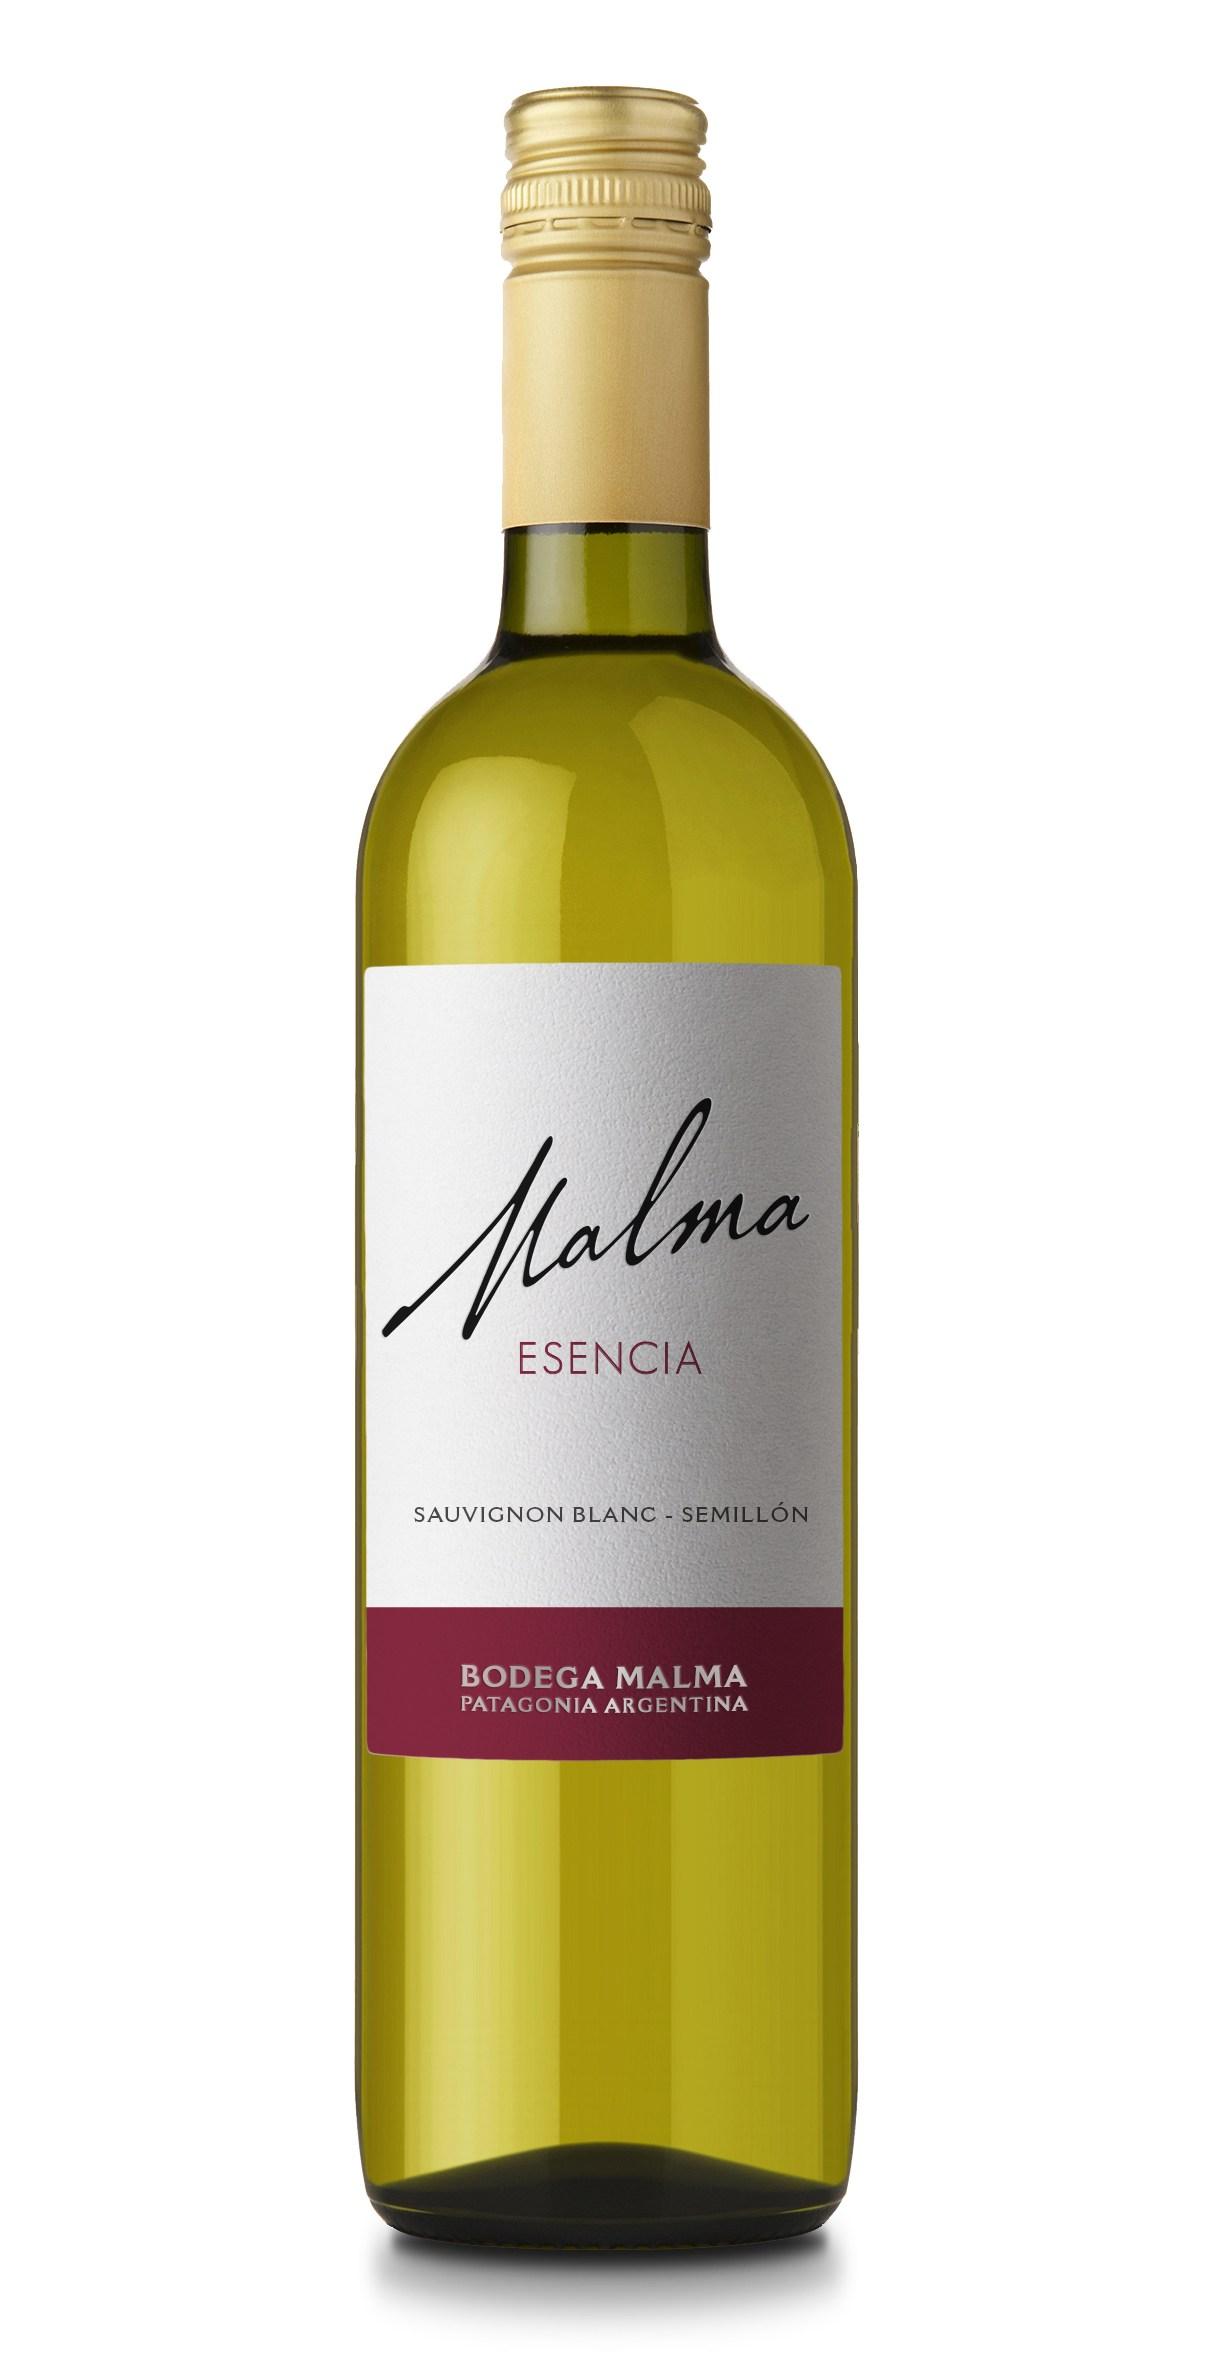 Malma Esencia Sauvignon Blanc-Semillon 2016